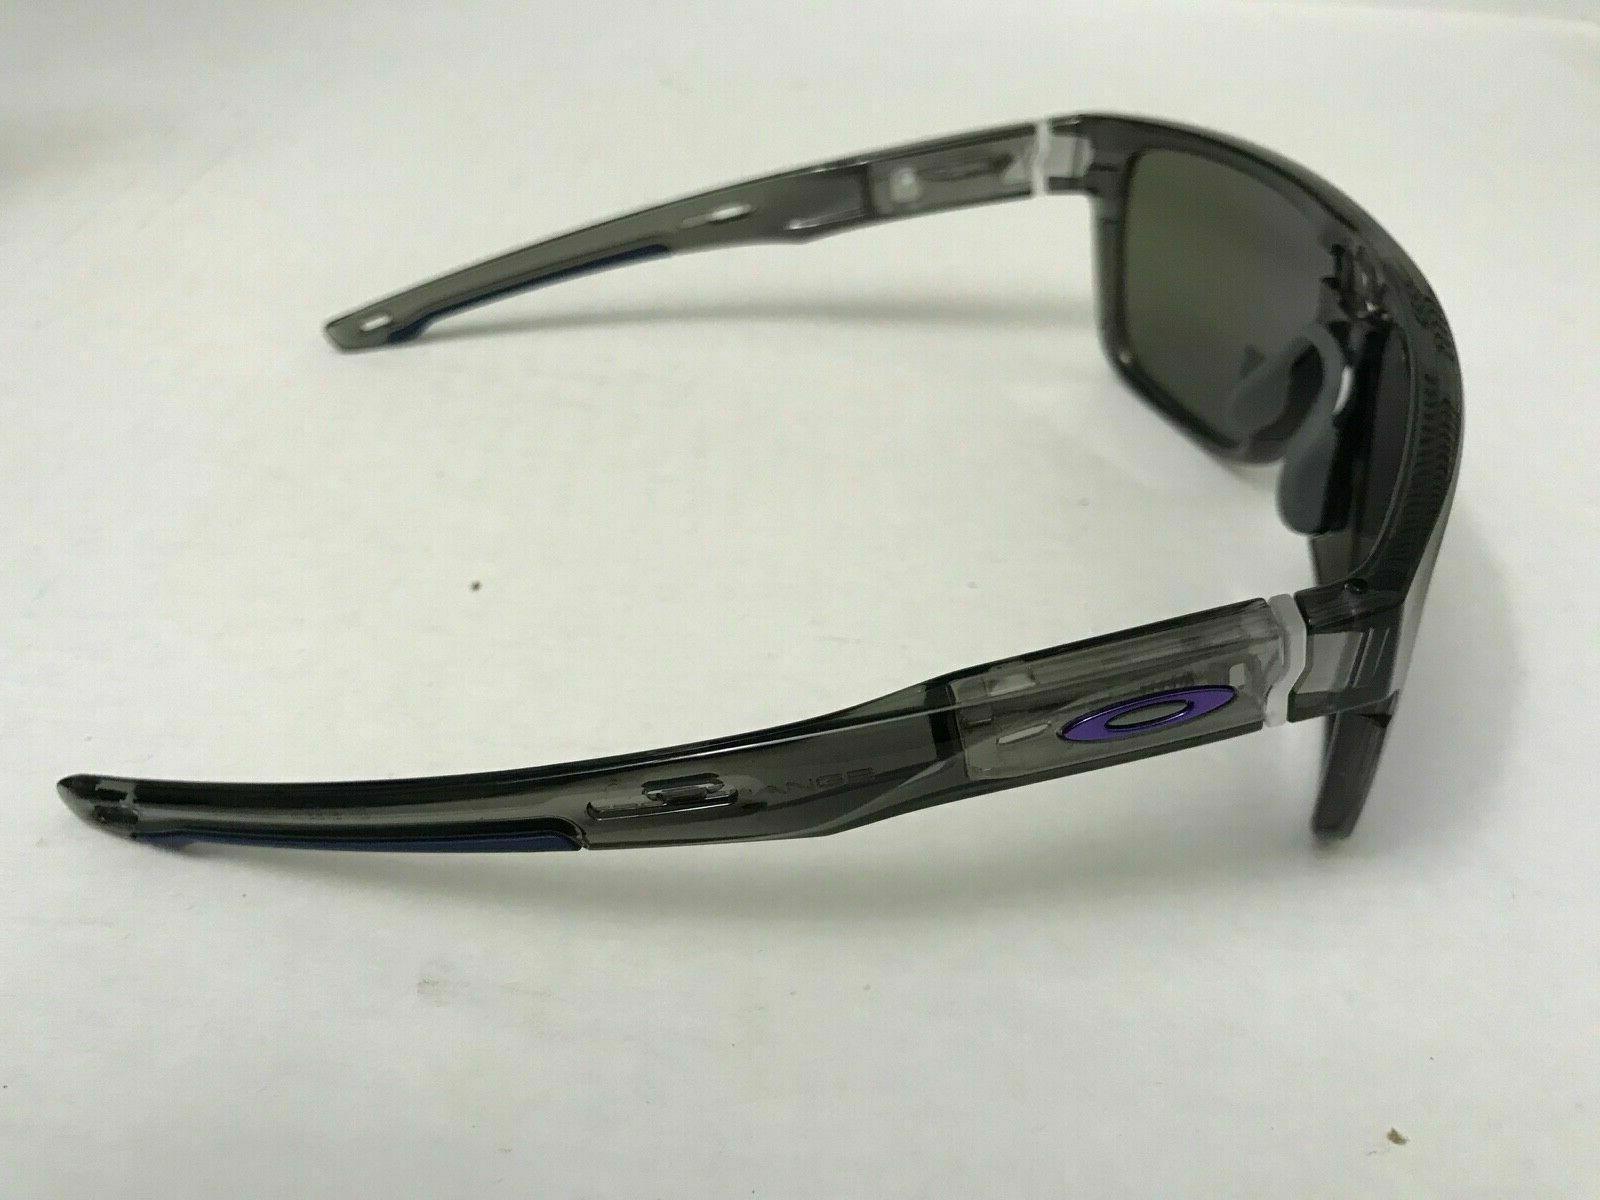 Oakley OO9382-0260 W/ Violet